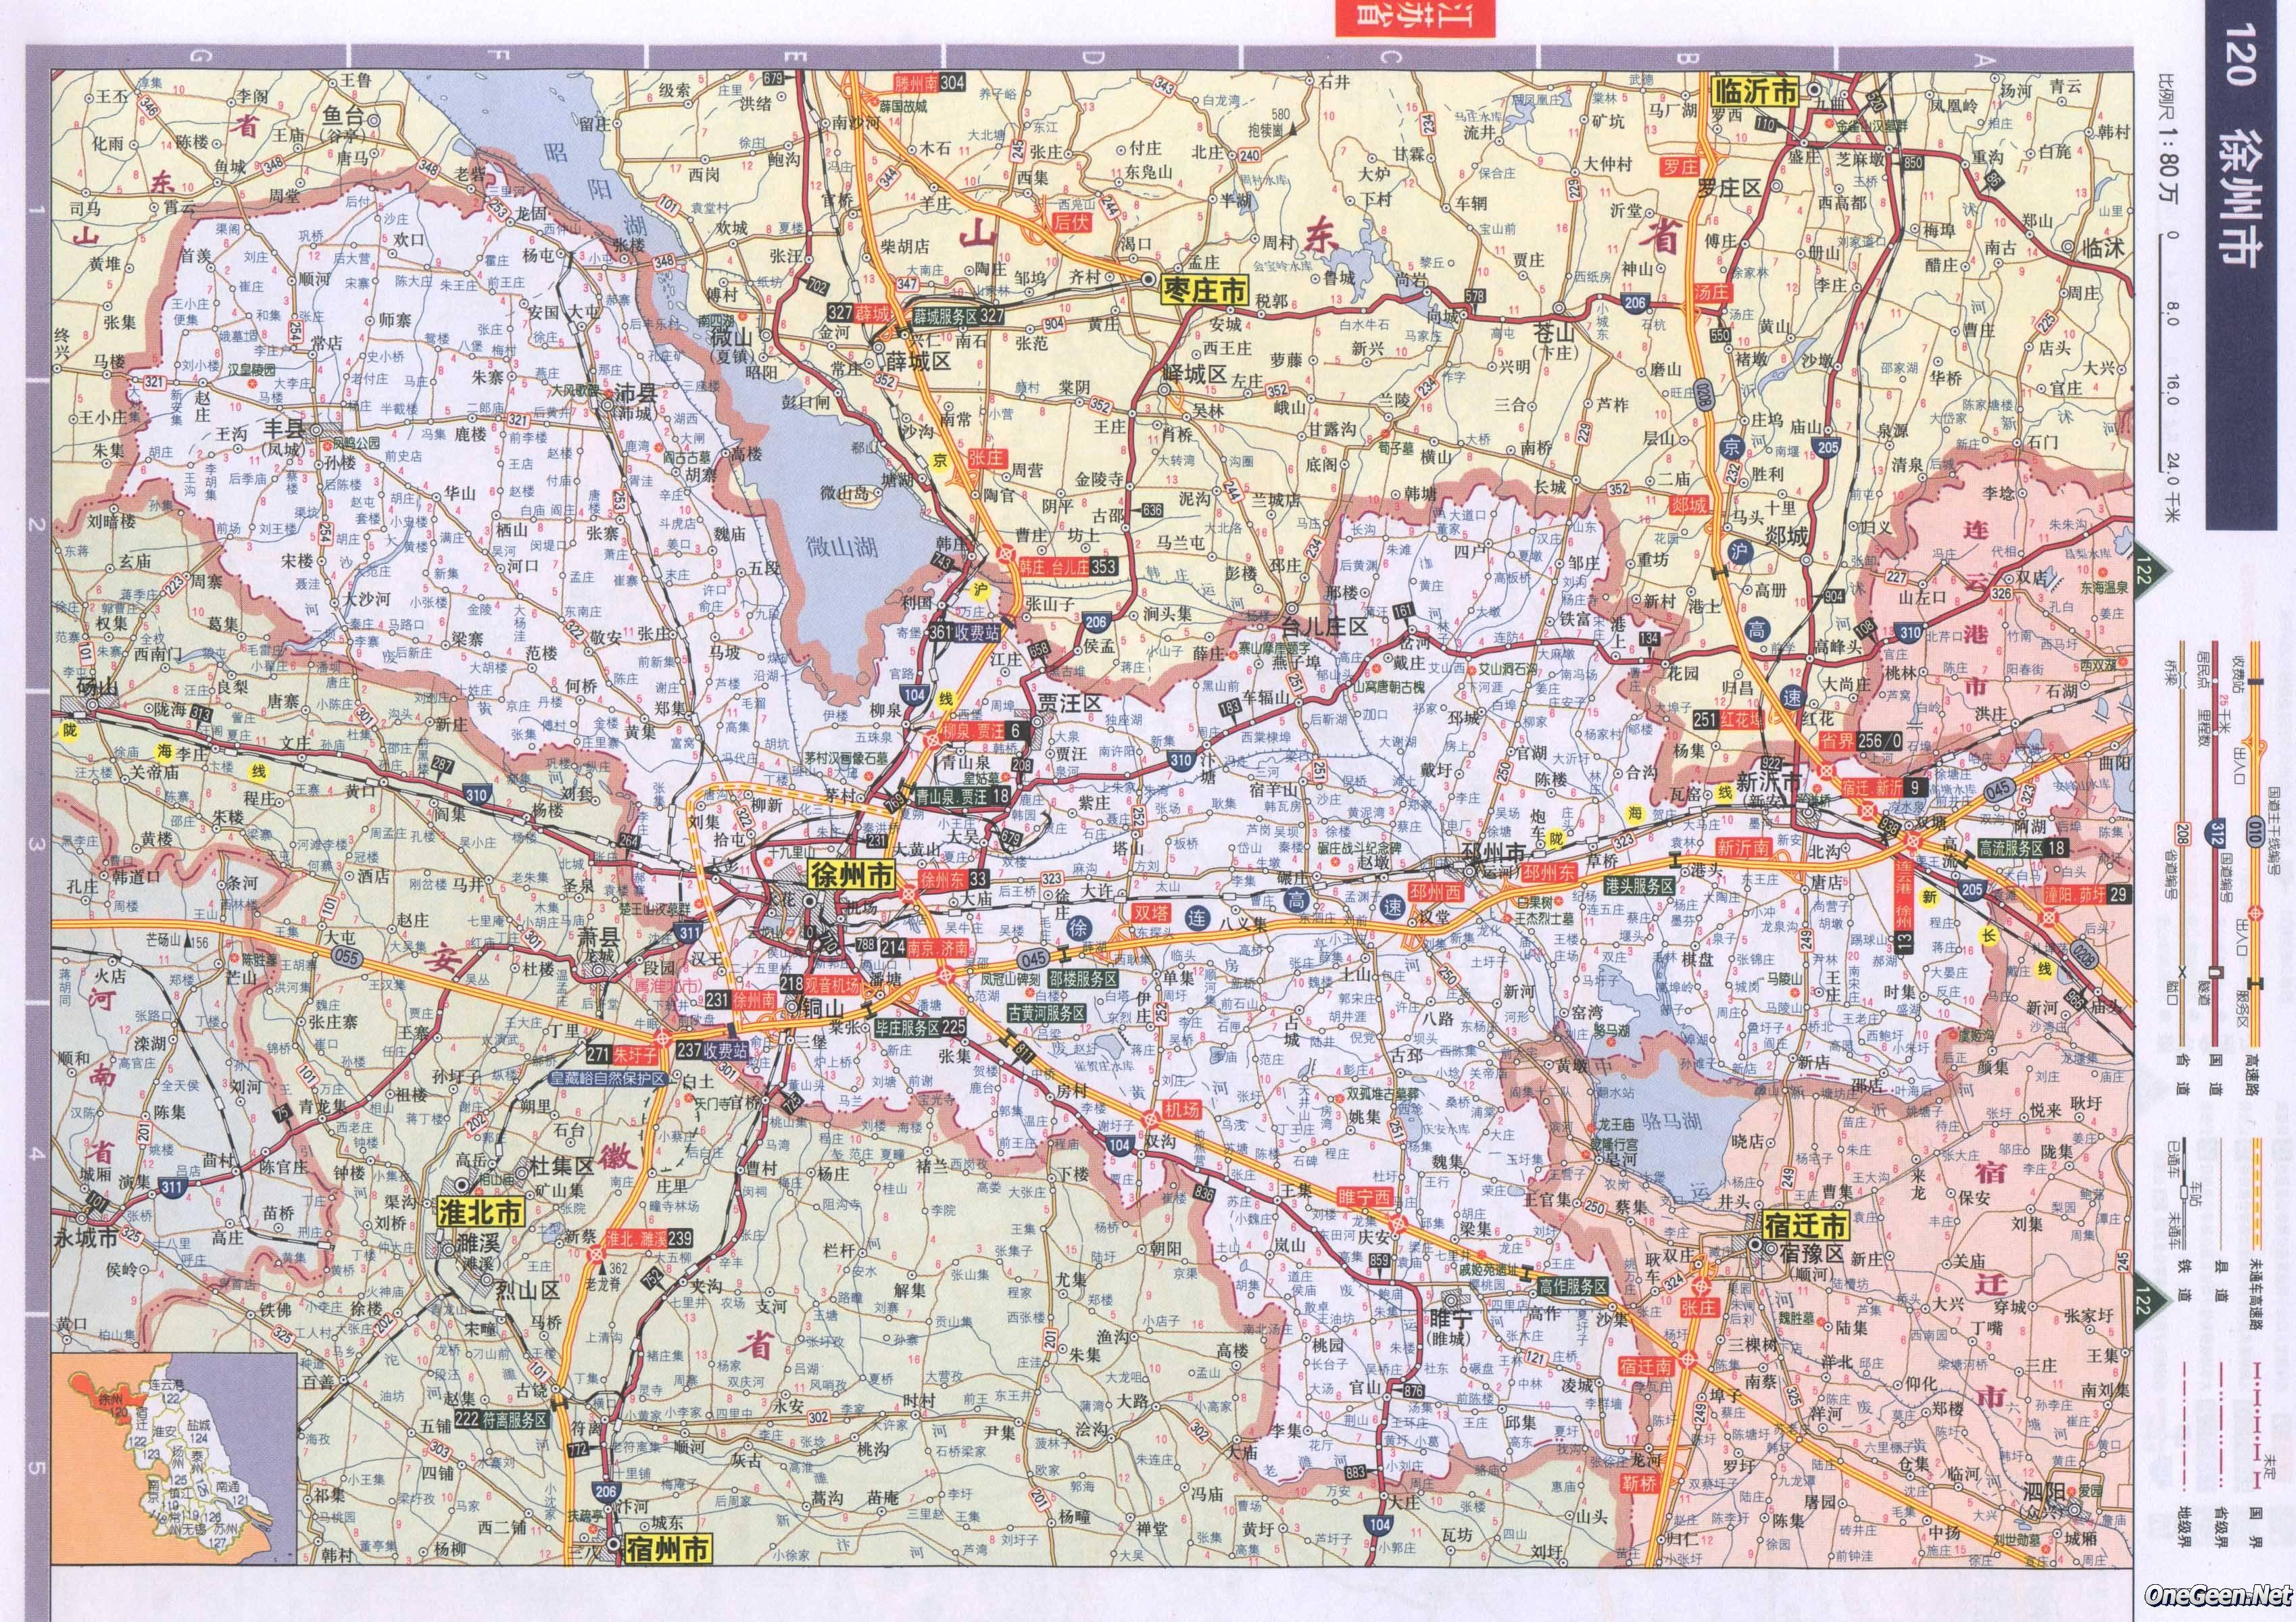 江苏省徐州市交通地图